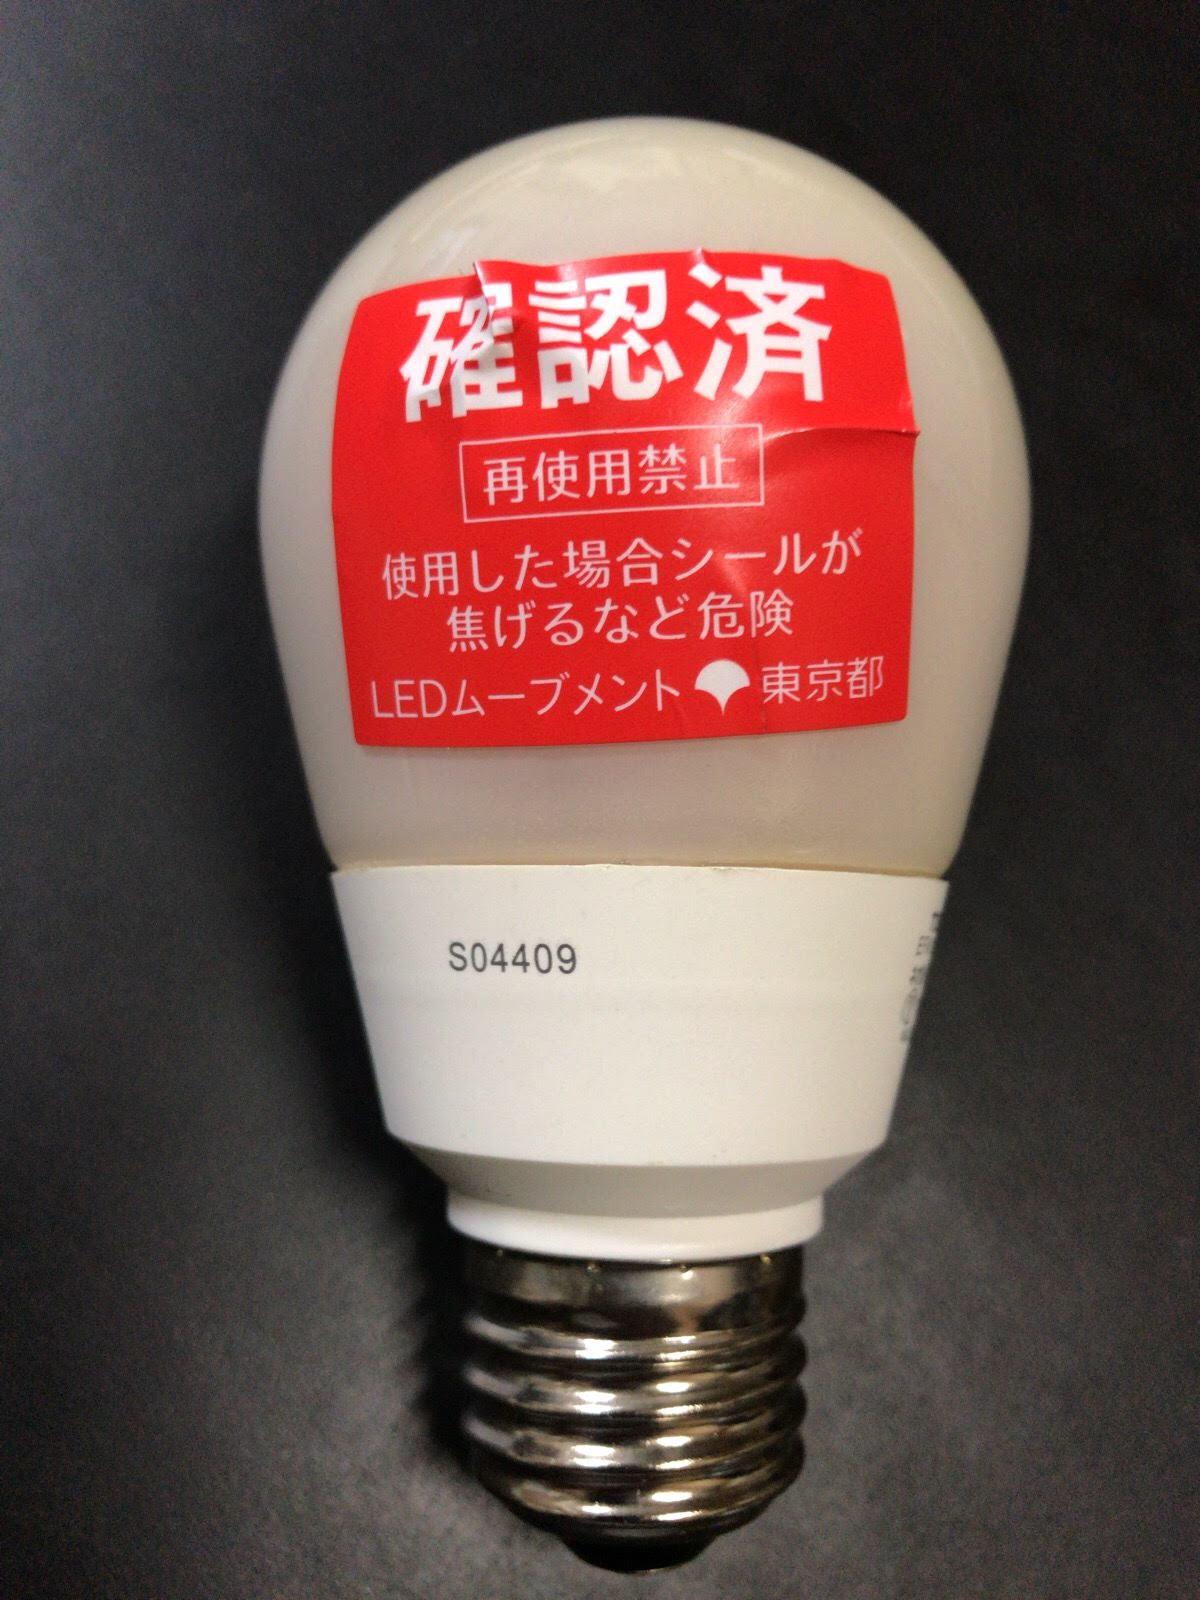 こんな「LED電球の交付」でした。(実践編)